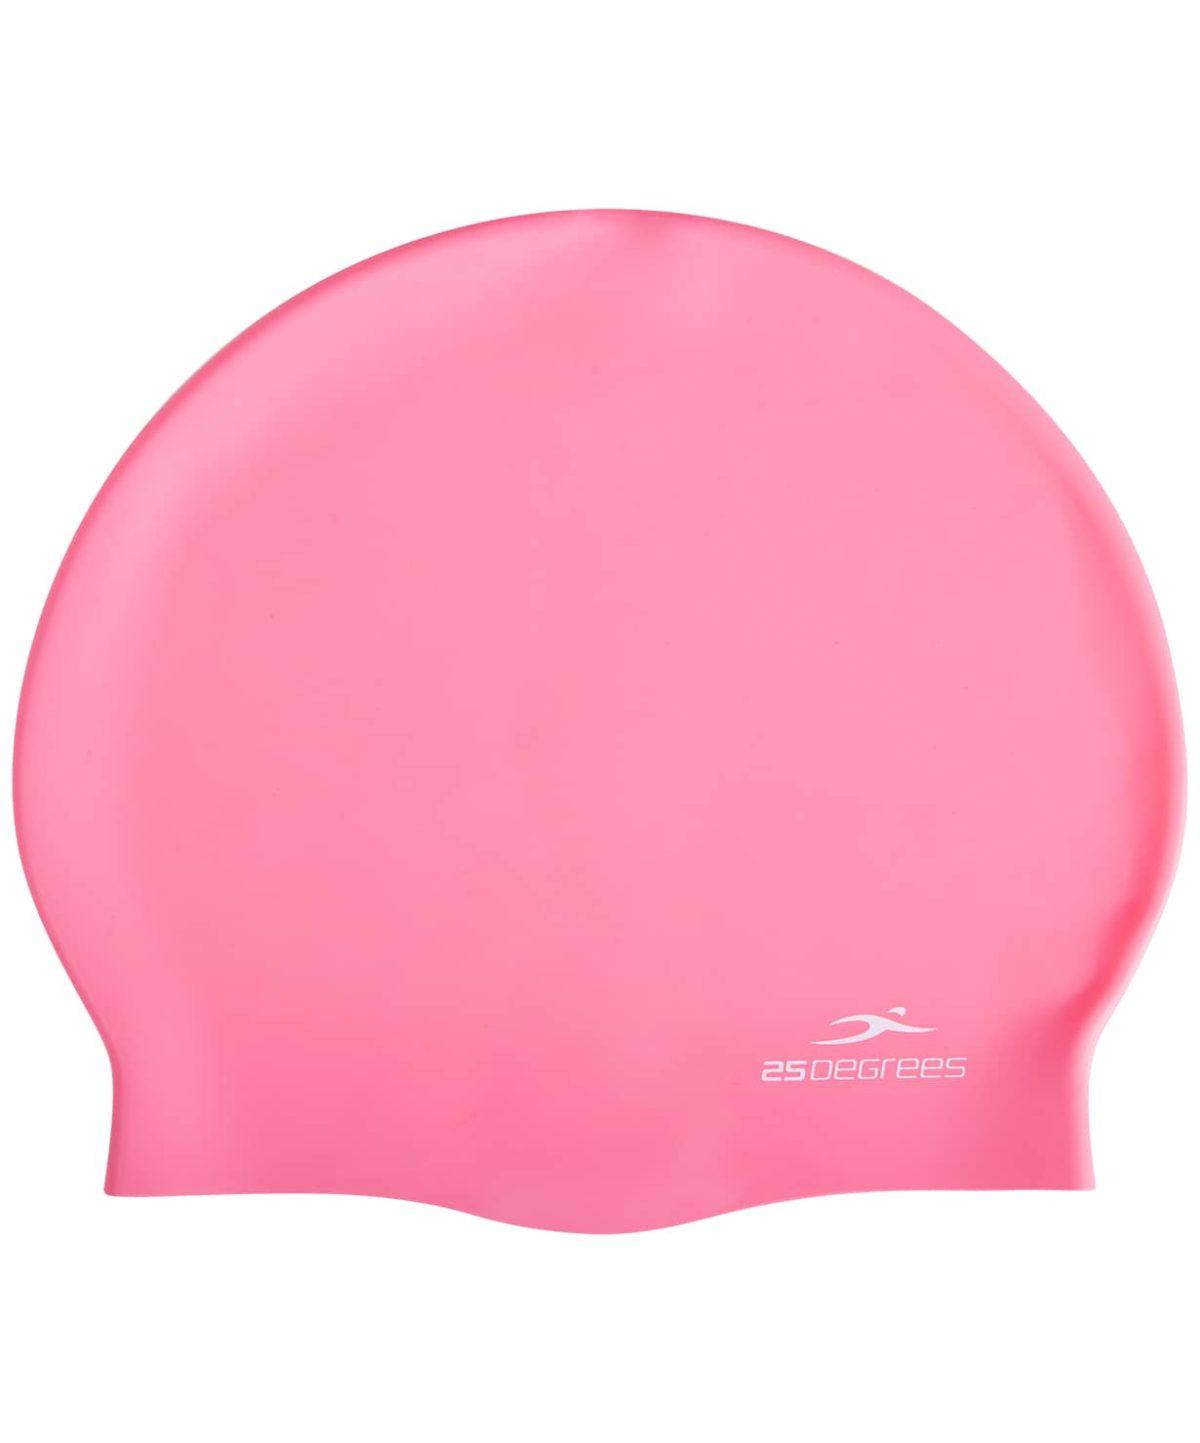 25DEGREES Шапочка для плавания Nuance, силикон  25D21004A: розовый - 2